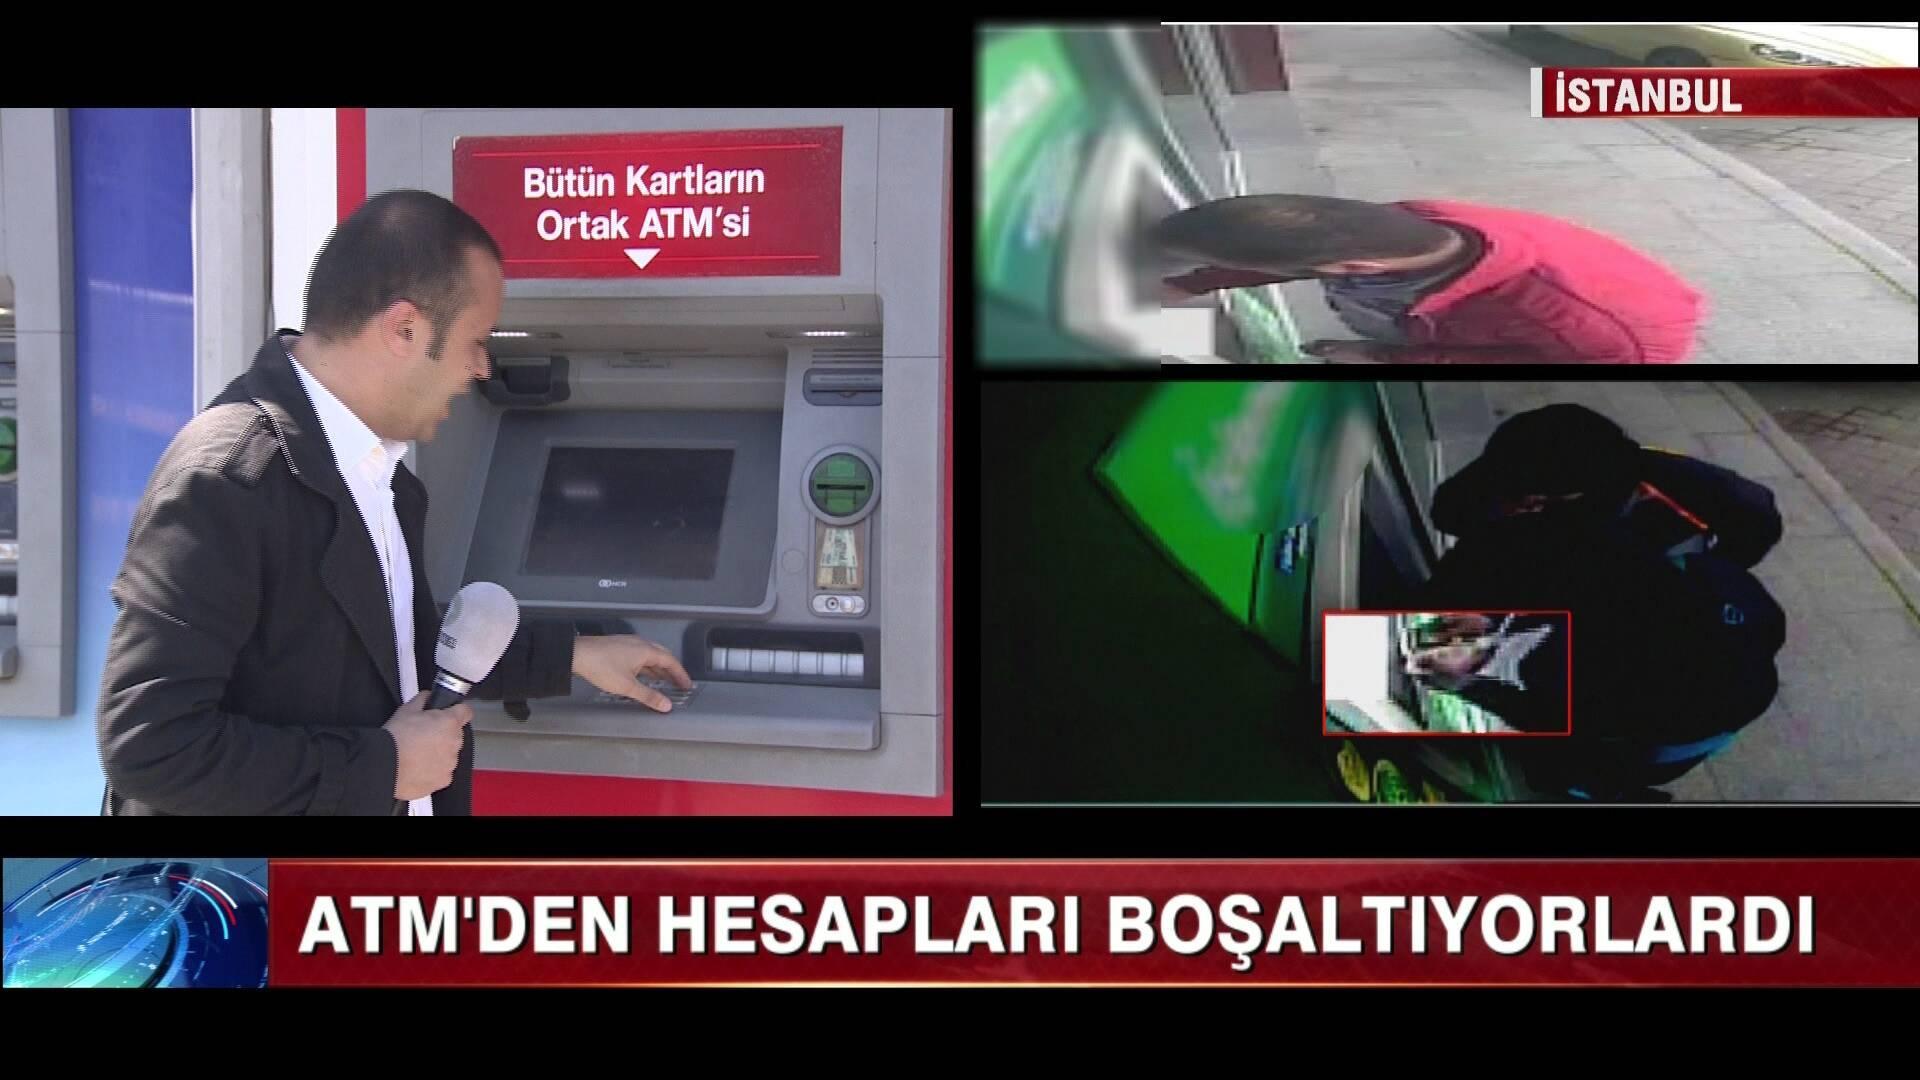 ATM Hırsızlarına şok!